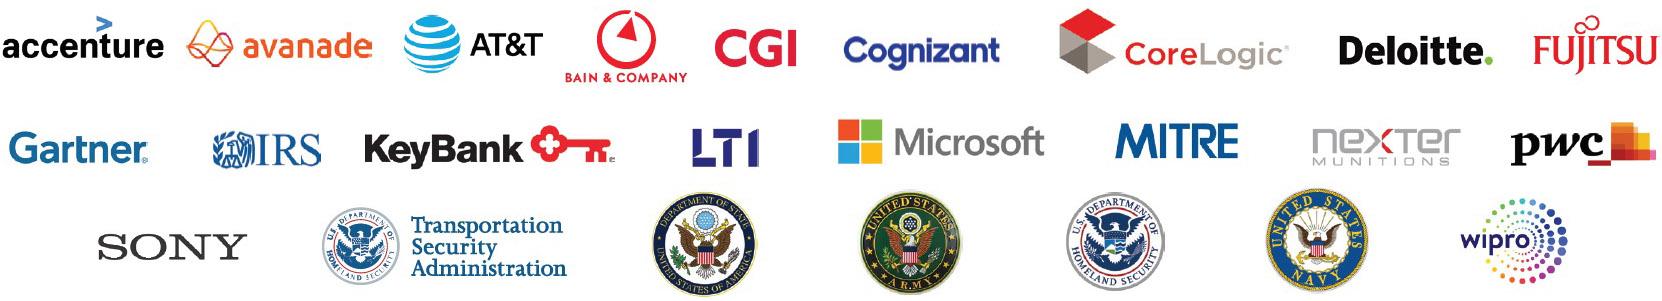 2019 Participants